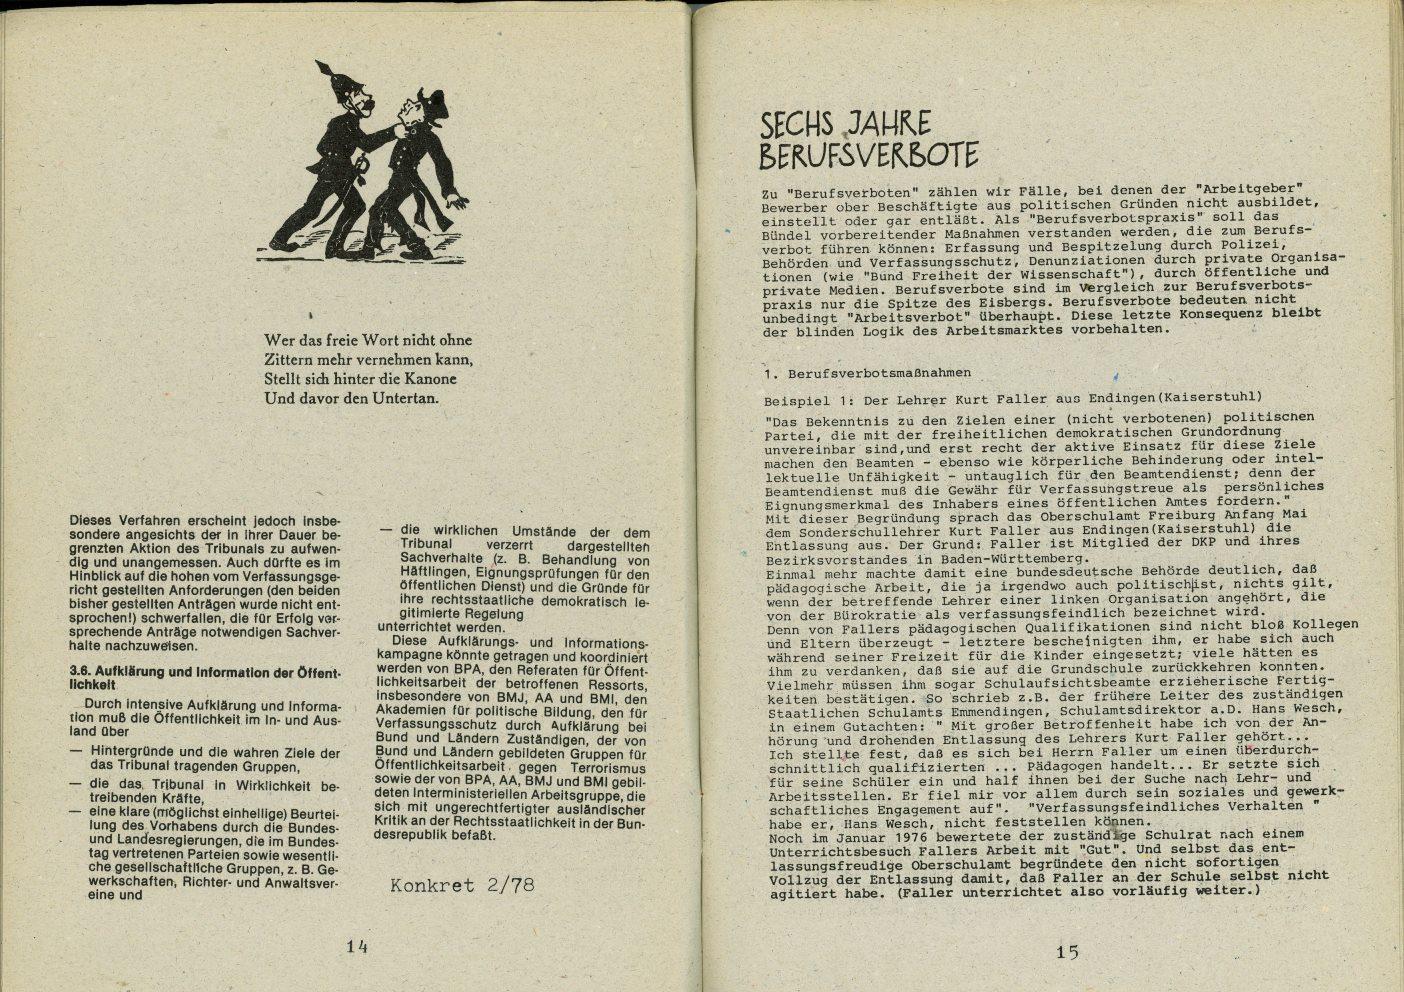 Stuttgart_AGRT_Menschenrechtsverletzungen_Leseheft_1978_09